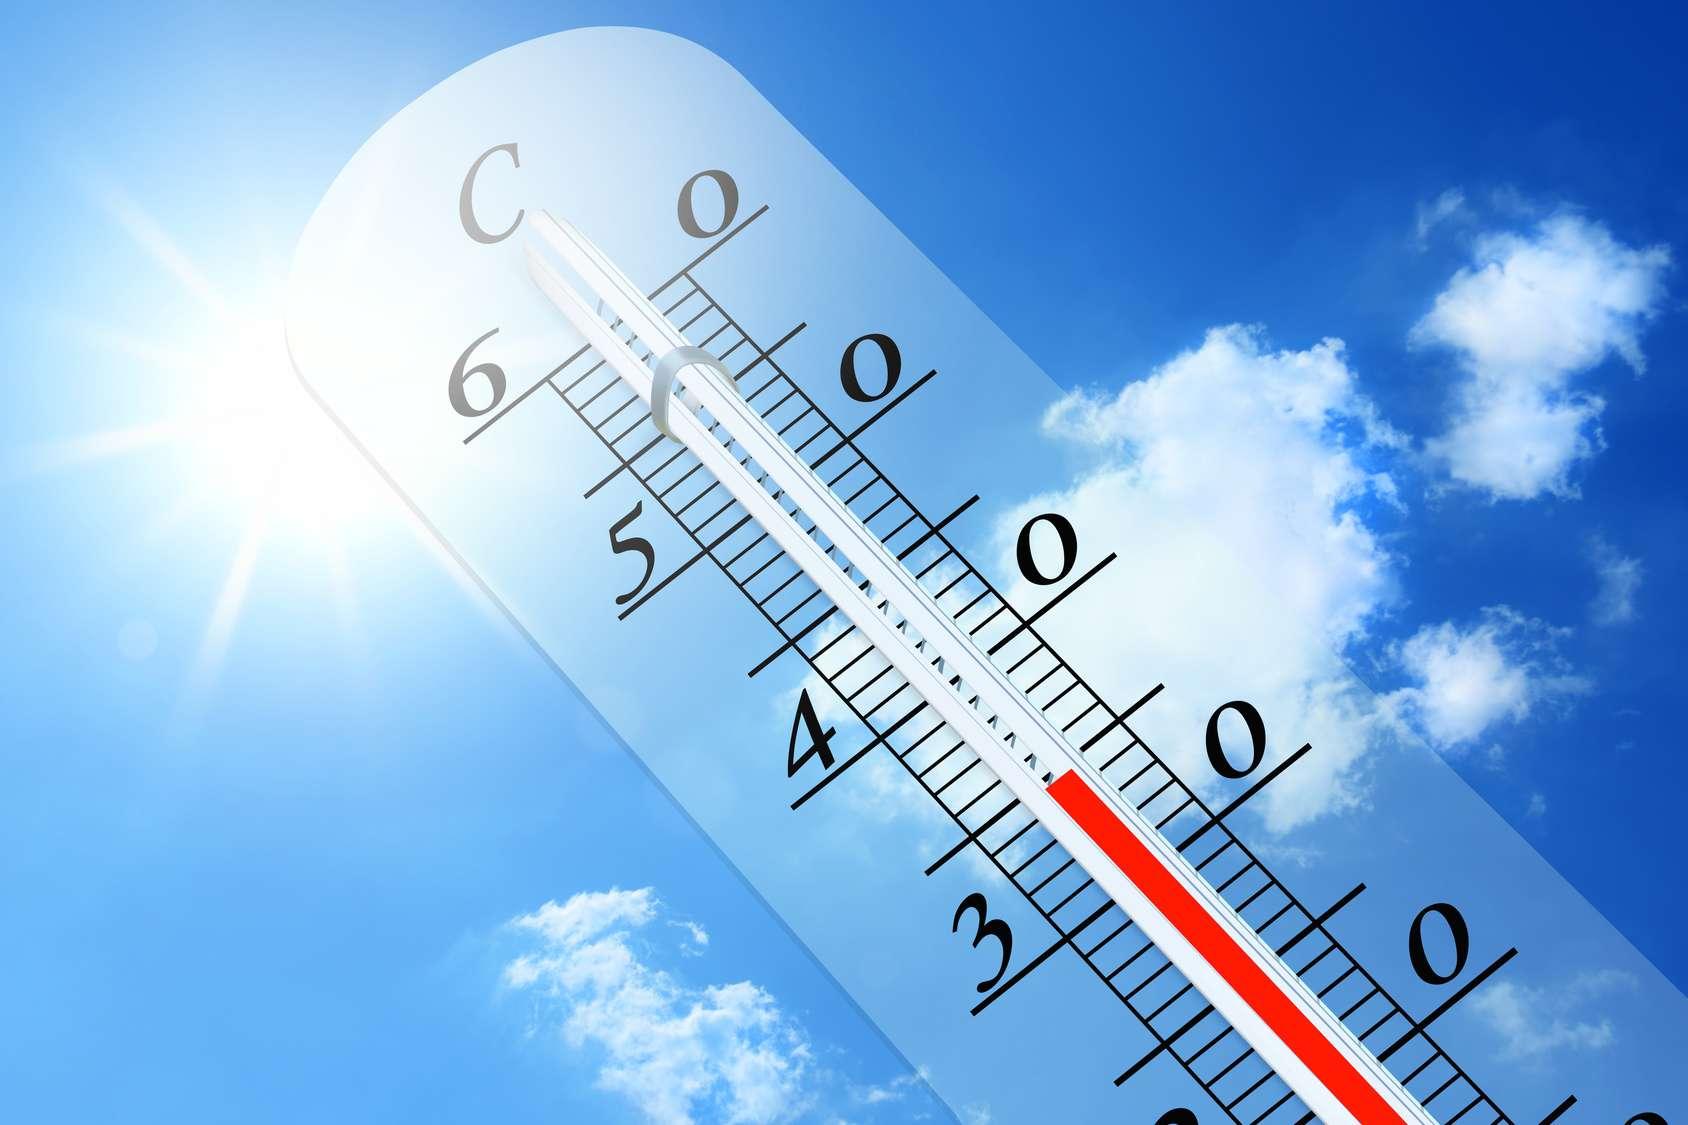 Selon Météo France, les températures vont grimper à partir de dimanche. Lundi, 35 °C sont attendus à Bourges et 33 °C à Paris. © K.-U. Häßler, Fotolia